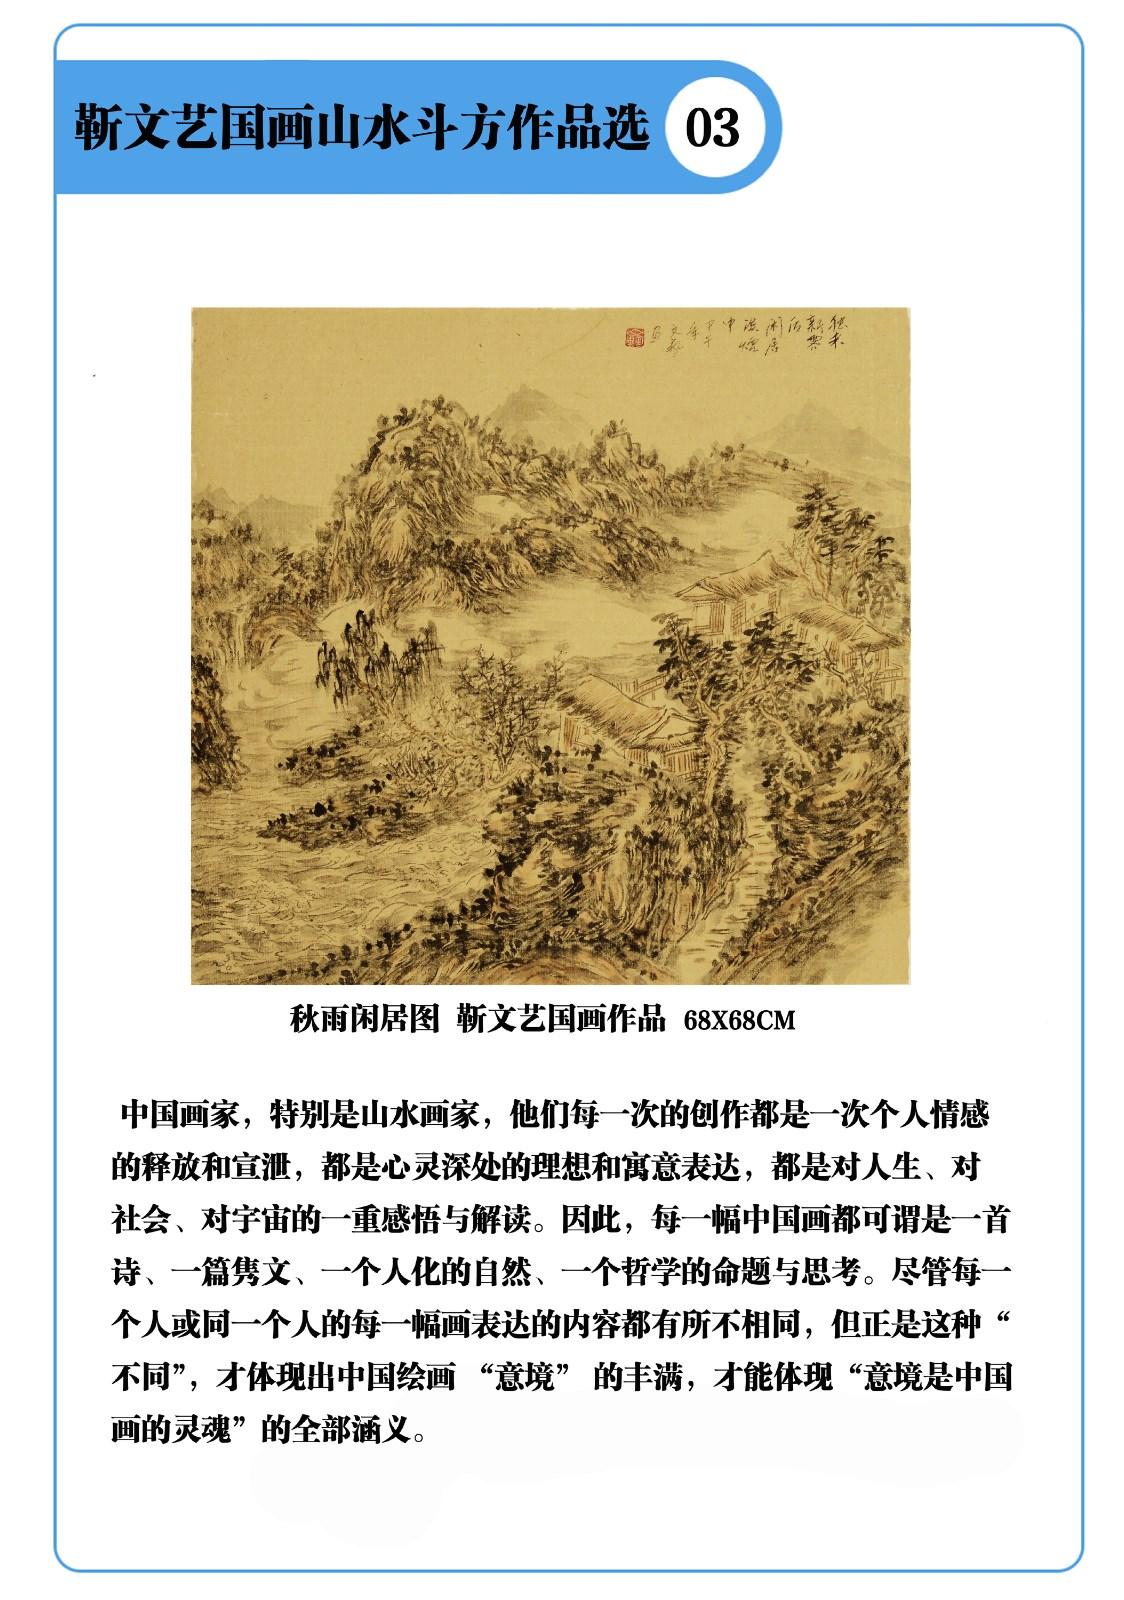 国画导师靳文艺先生作品   欢迎关注分享收藏_图1-7